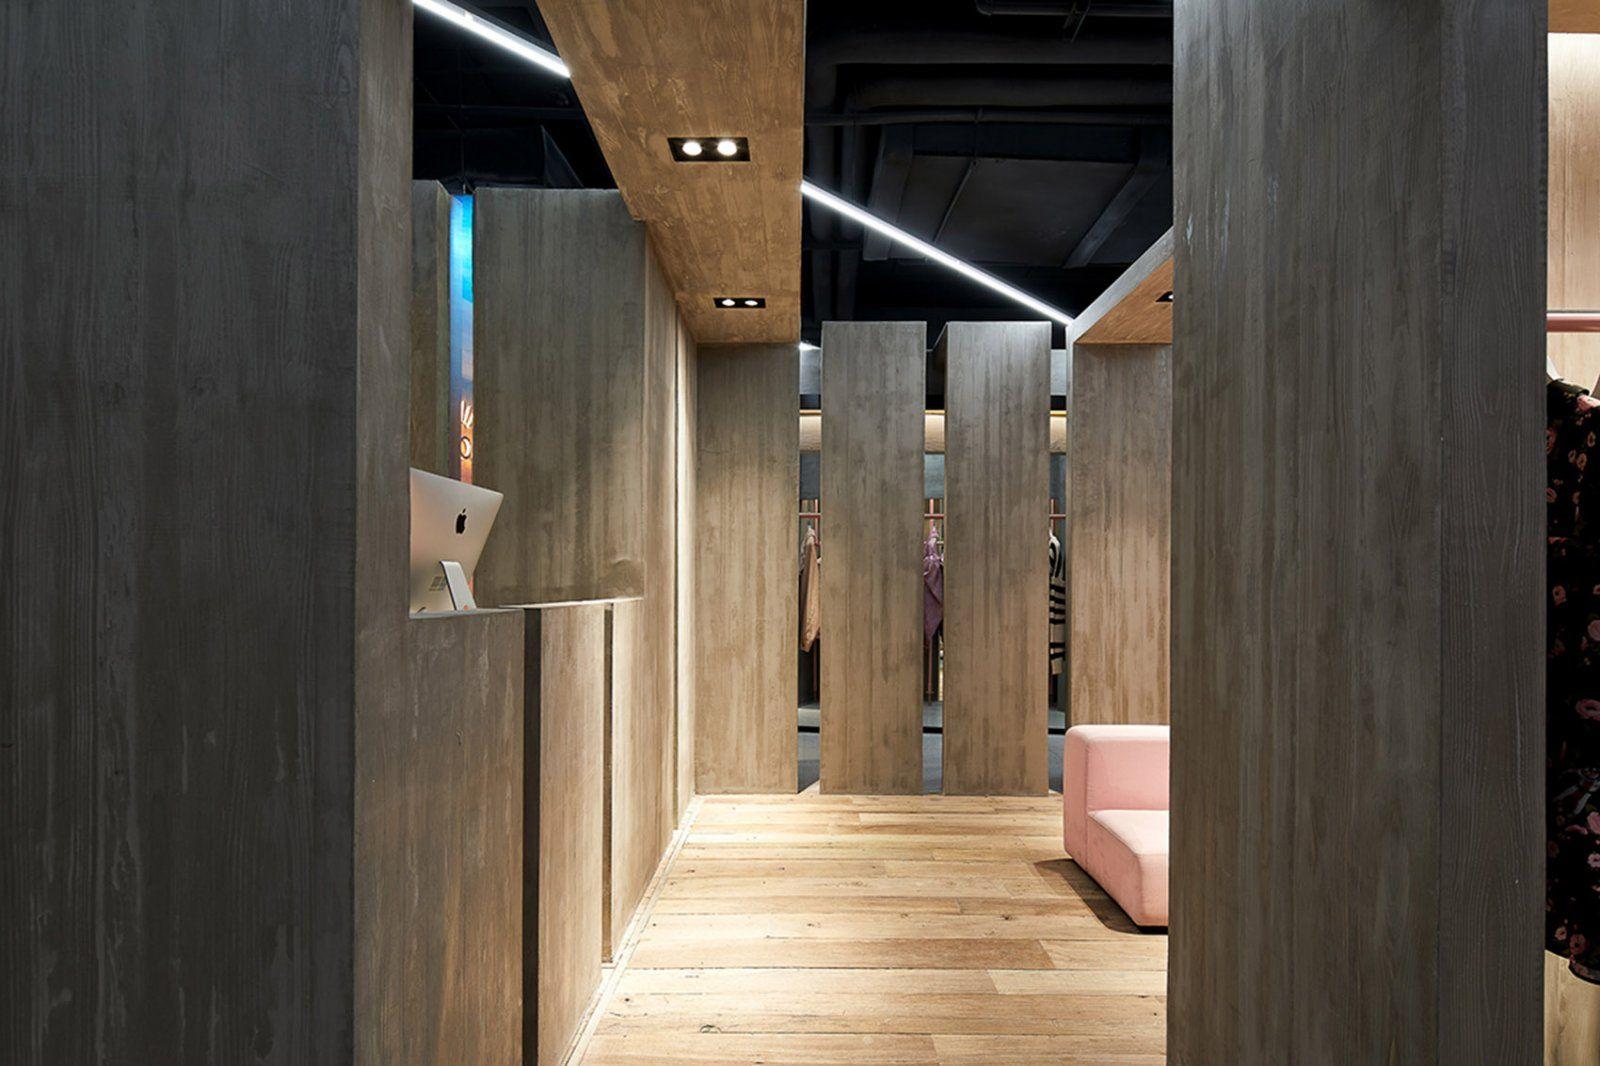 内向而放松的女装店·浙江-UOOYAA杭州IN77店 | XCoD与众设计